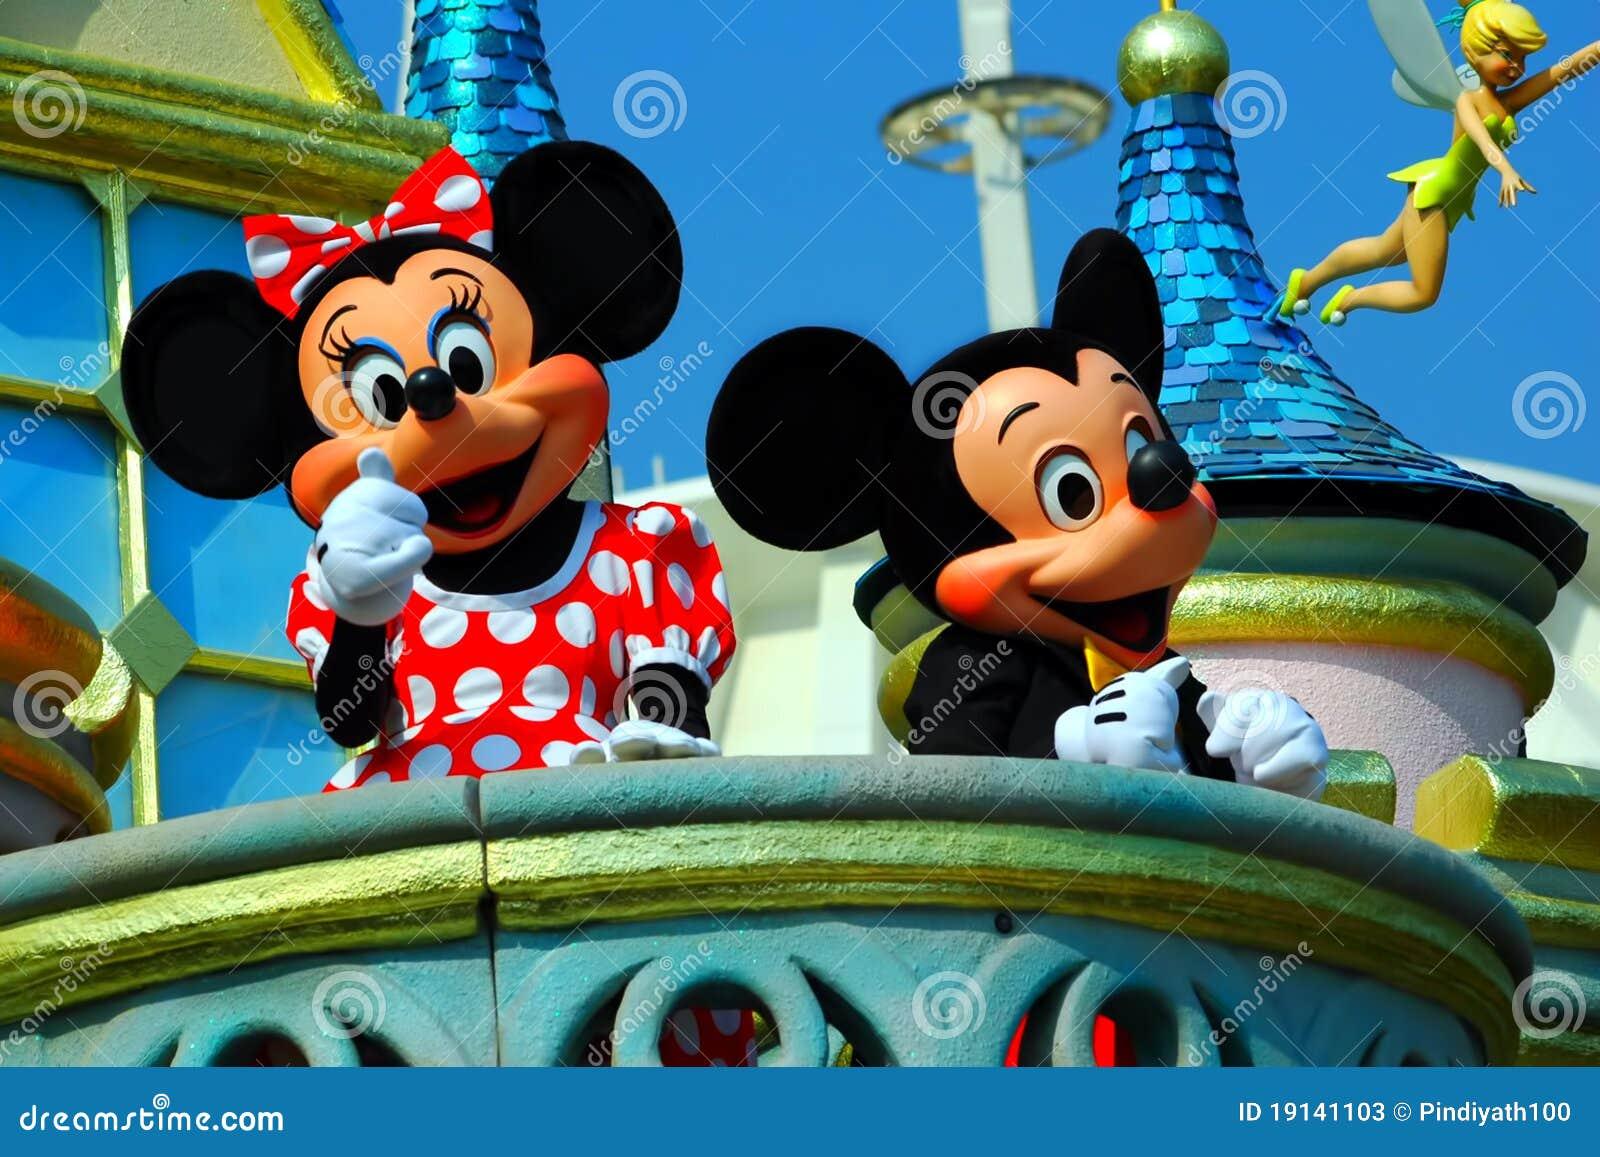 Mickey e mouse di minnie